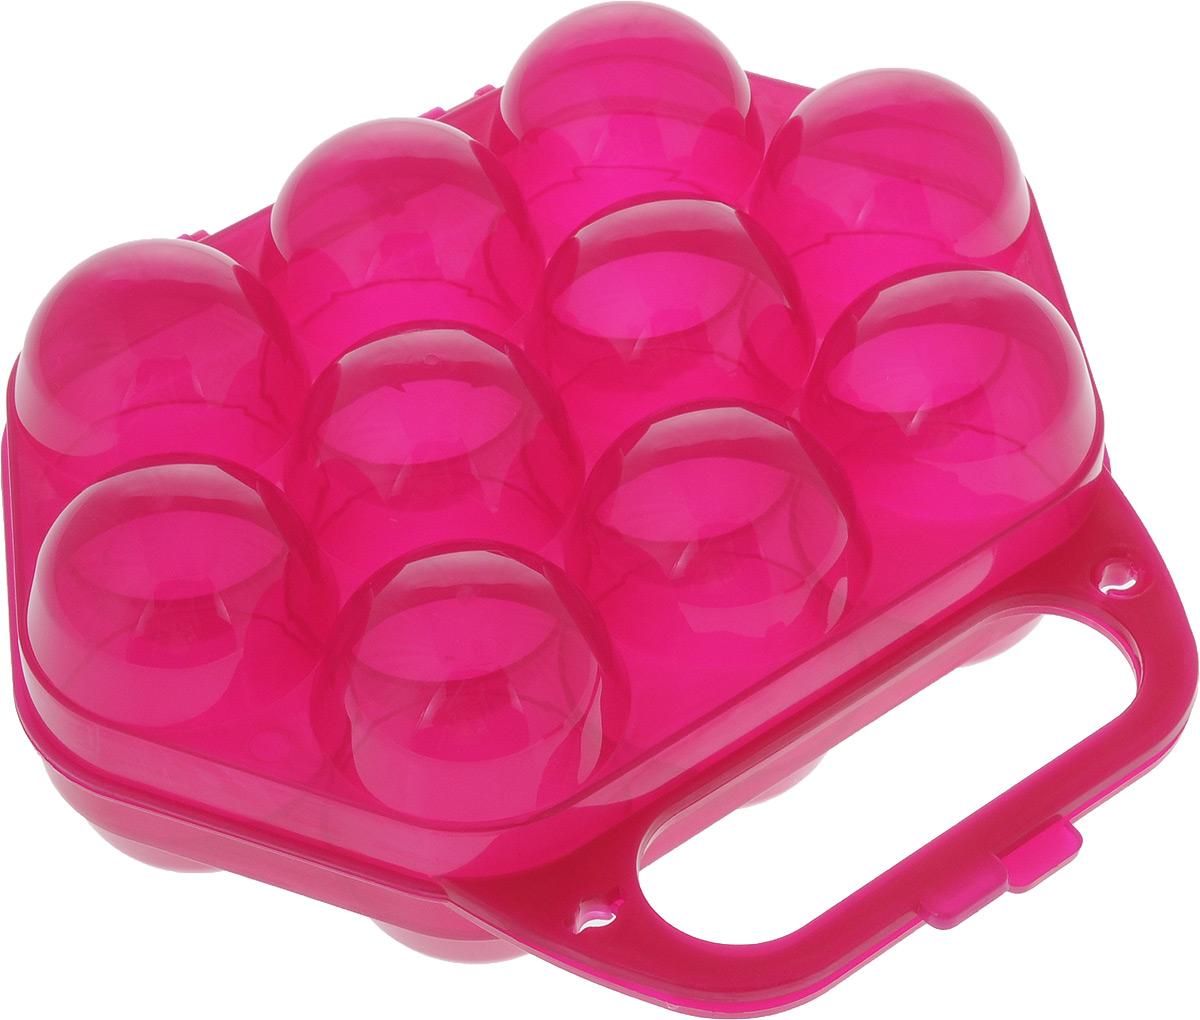 Контейнер для яиц Idea, на 10 шт, 20 х 19 х 7,5 смМ 1210_фуксияКонтейнер для яиц Idea изготовленный из пищевого пластика, выполнен в виде чемоданчика и снабжен специальными ячейками для 10 яиц. Надежный защелкивающийся замок предотвратит случайное раскрытие контейнера. Изделие не занимает много места, что очень удобно при транспортировке и хранении.